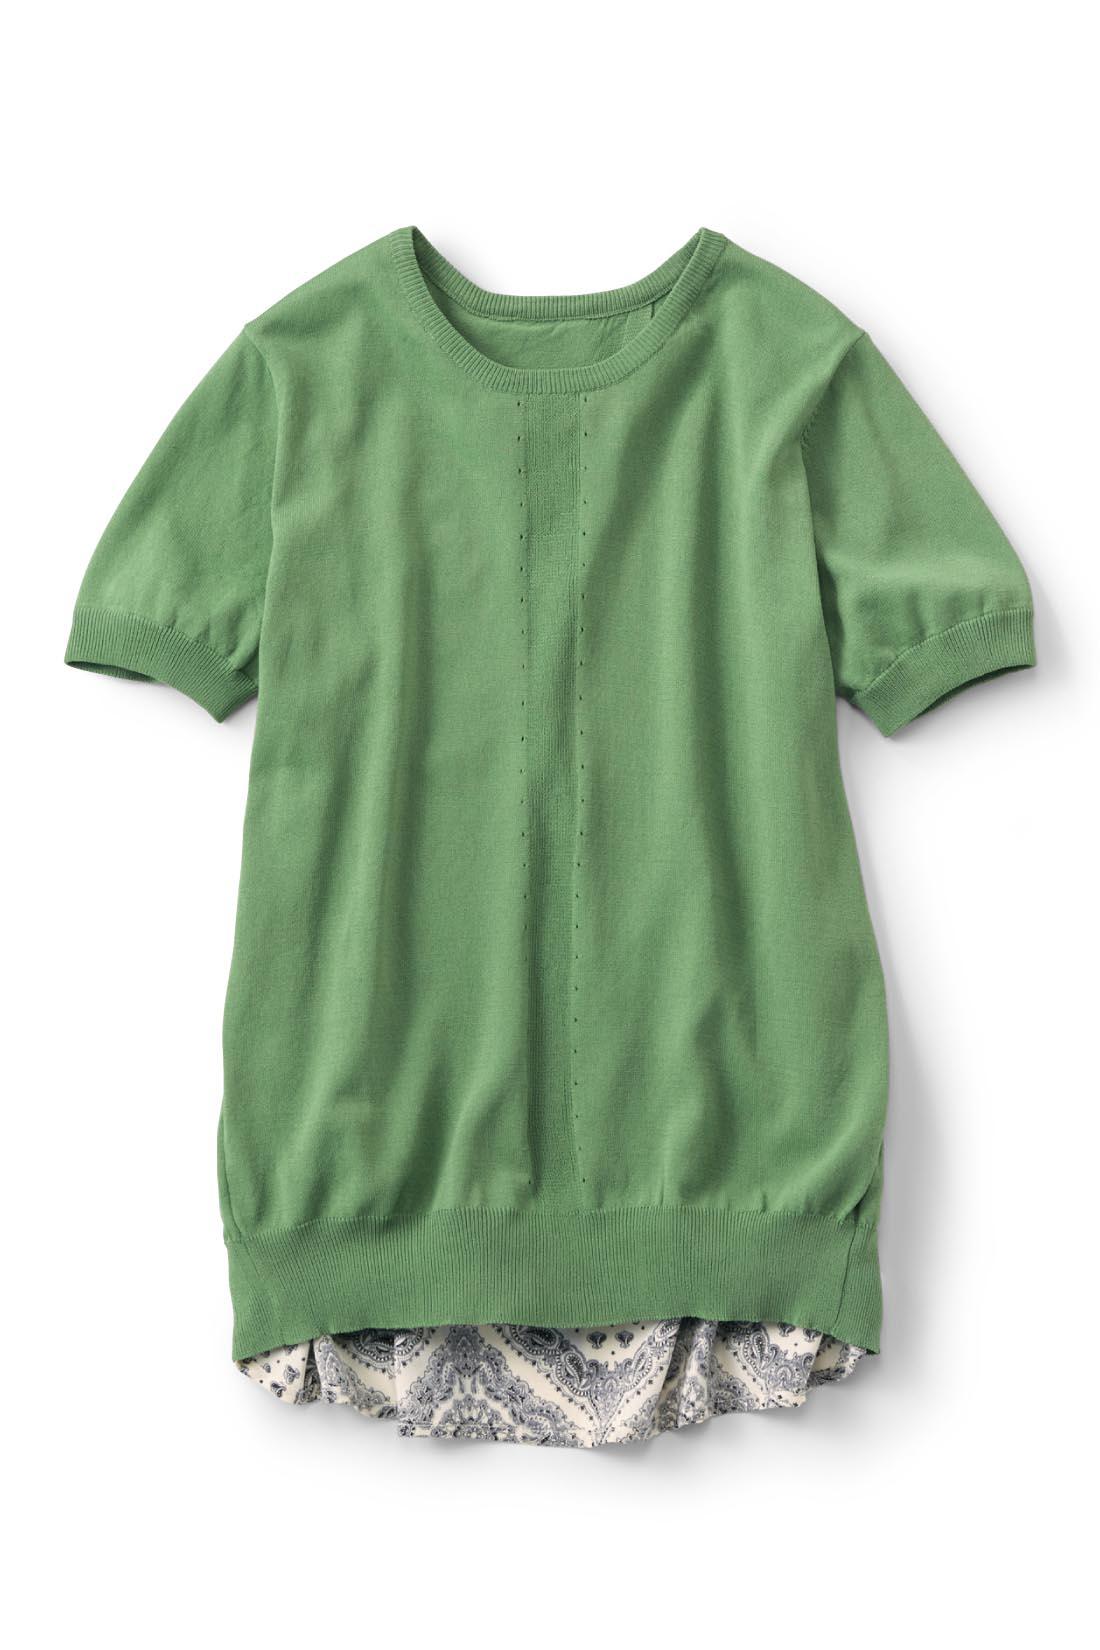 明るく華やかな【グリーン】 すっきりとした大人っぽいフロントデザイン